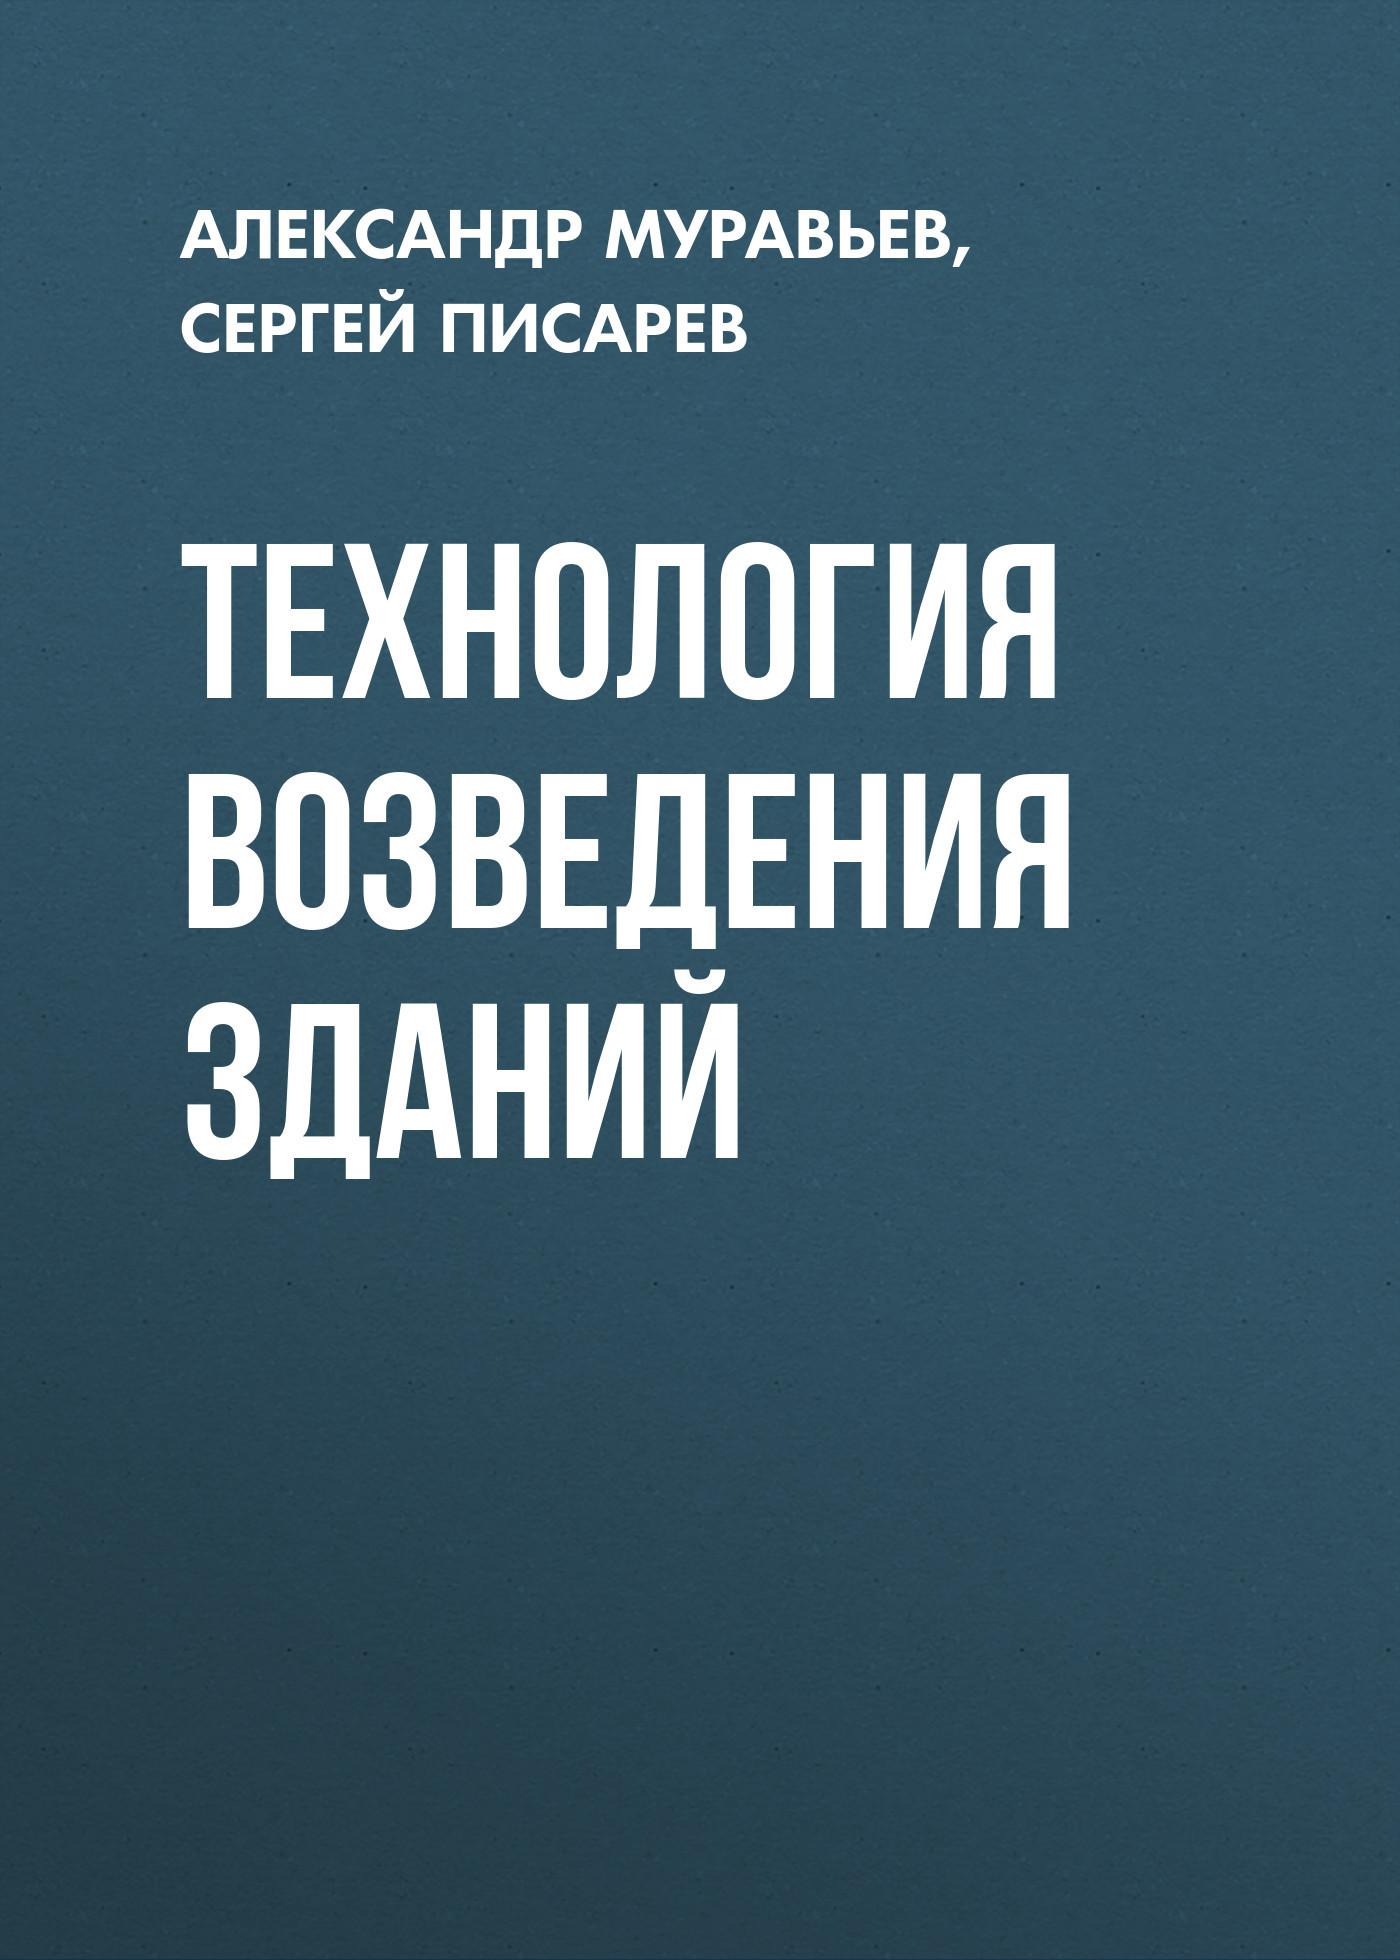 Александр Муравьев Технология возведения зданий александр ковалев продажа строительных материалов что как почему